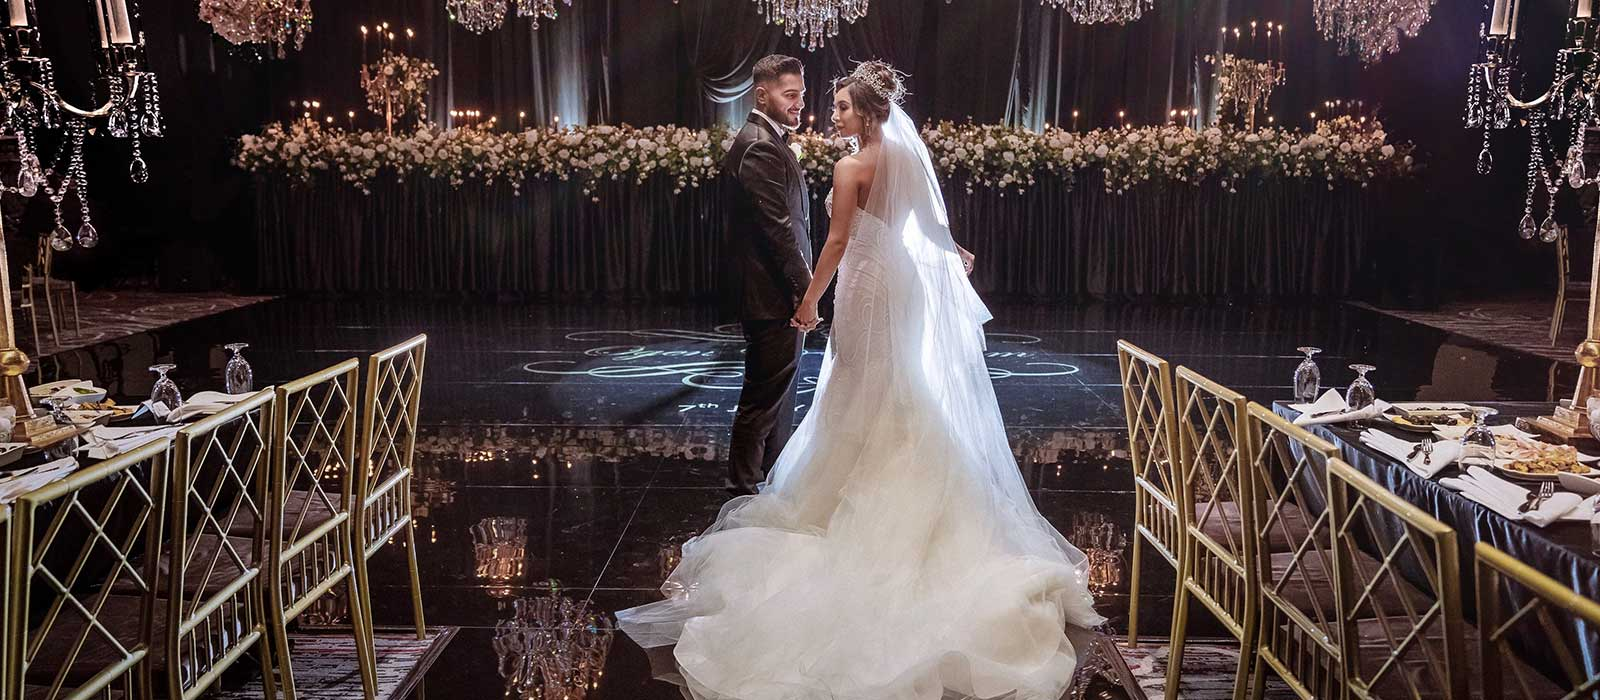 Best Wedding Venues Western Sydney Wedding Receptions Venues Sydney